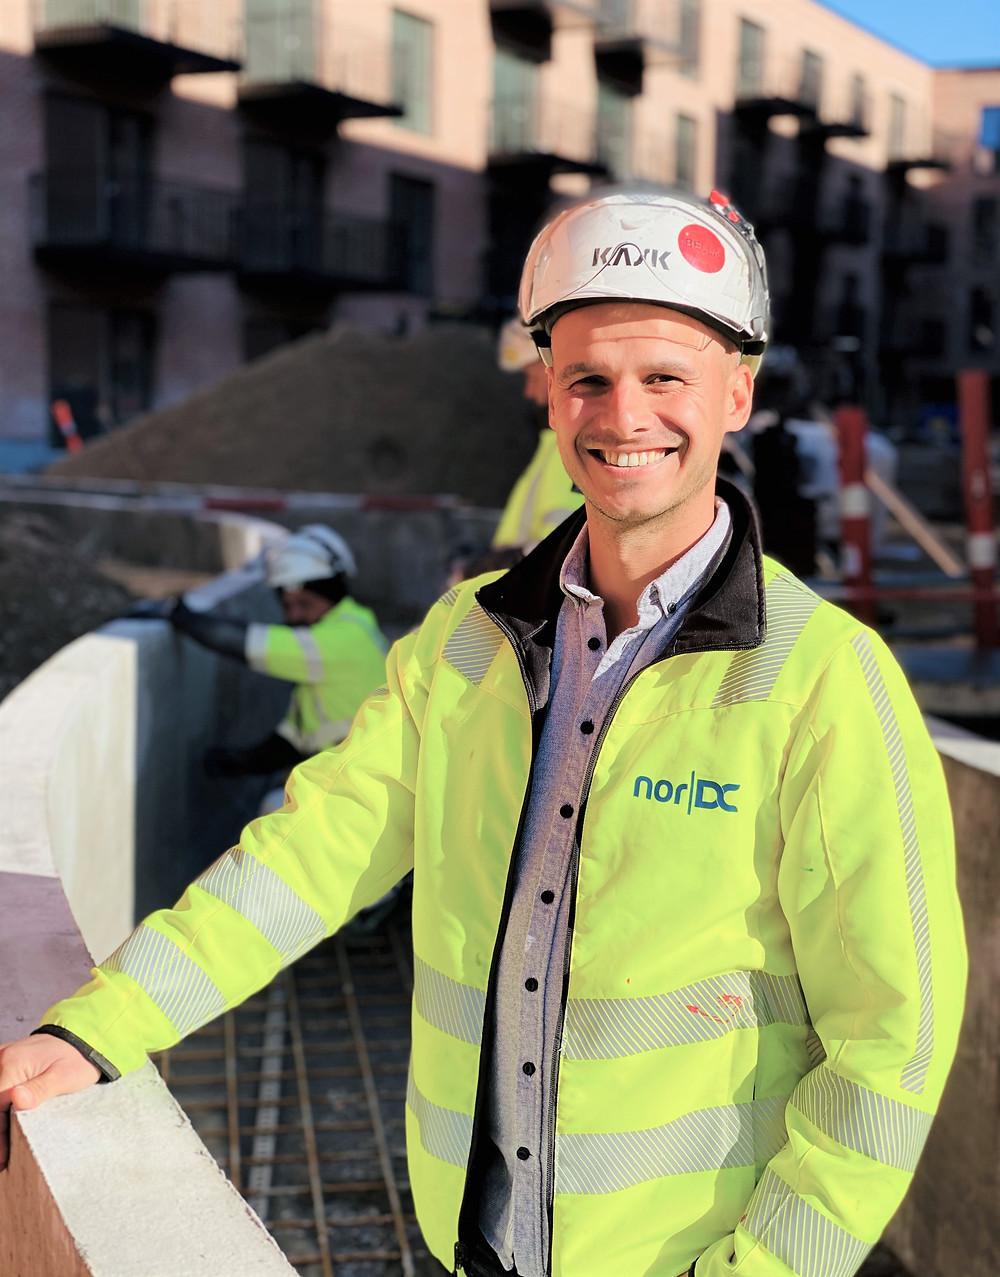 ingeniør, in situ beton, in situ, v8c, v8 constructionm, nor dc, nordc, nor-byg, nor byg, norbyg, ar,ering, forskalling, beton, bella kvarteret, nor home, norhome